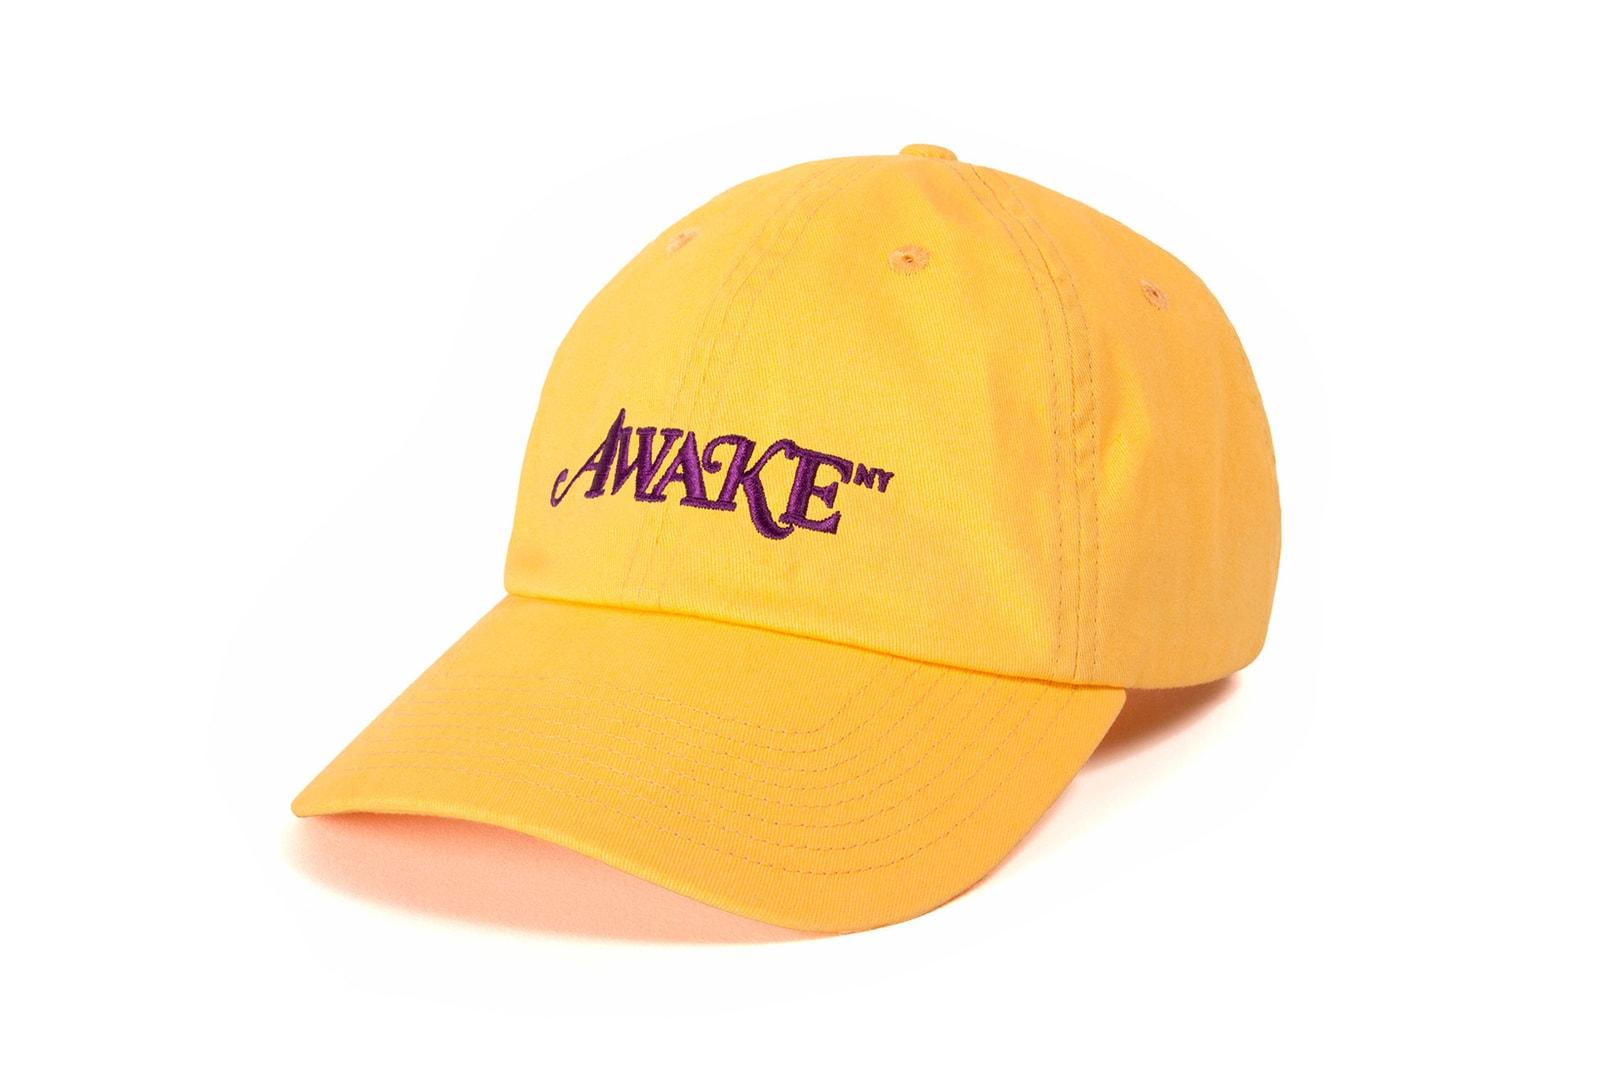 Awake NY Angelo Baque Supreme